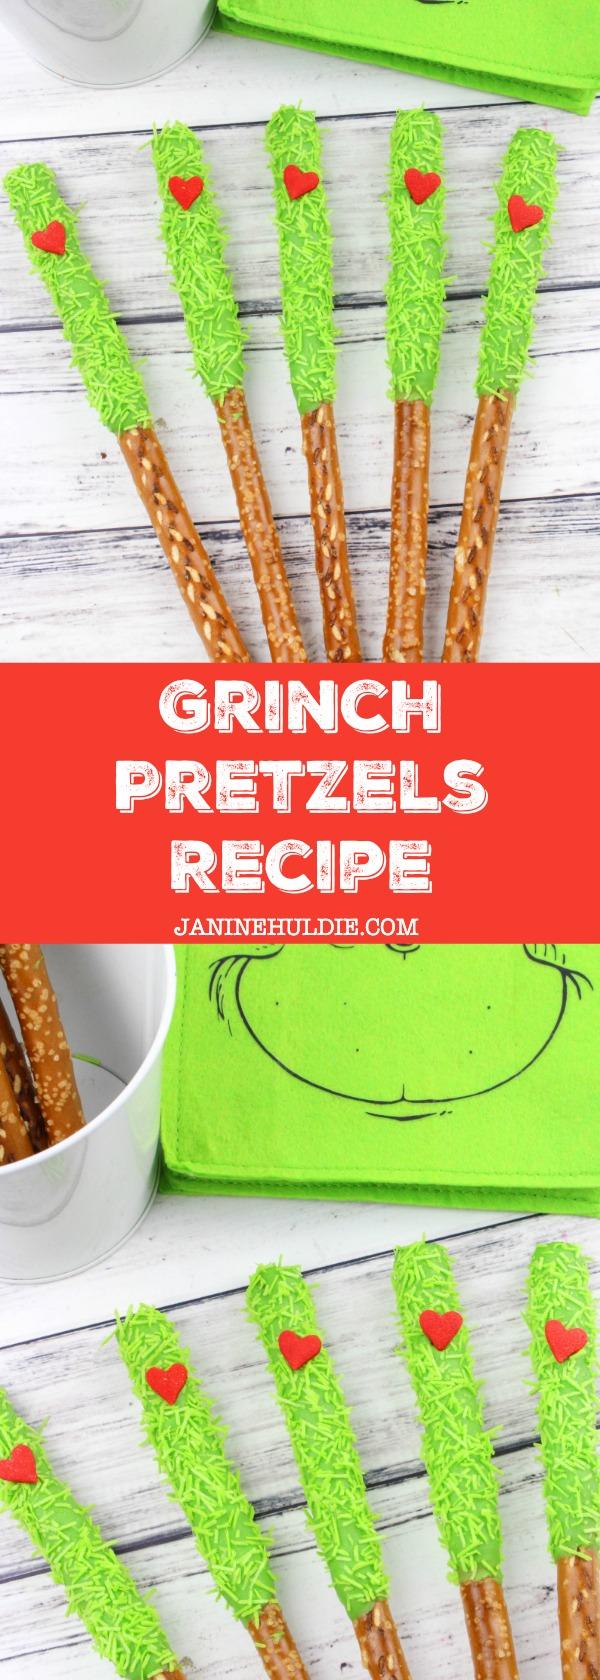 Grinch Pretzels Recipe